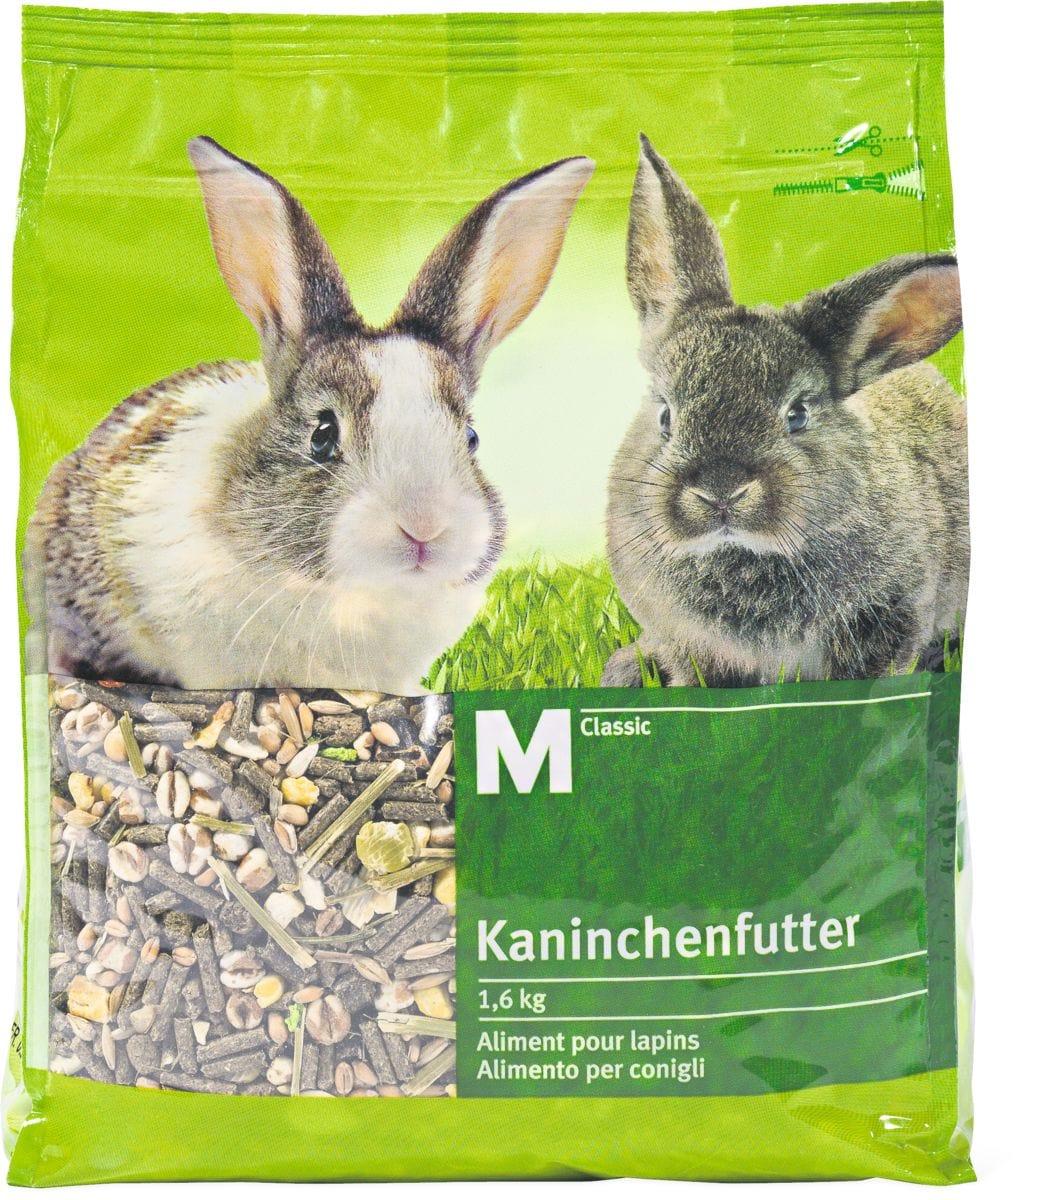 M-Classic Aliment pour lapins